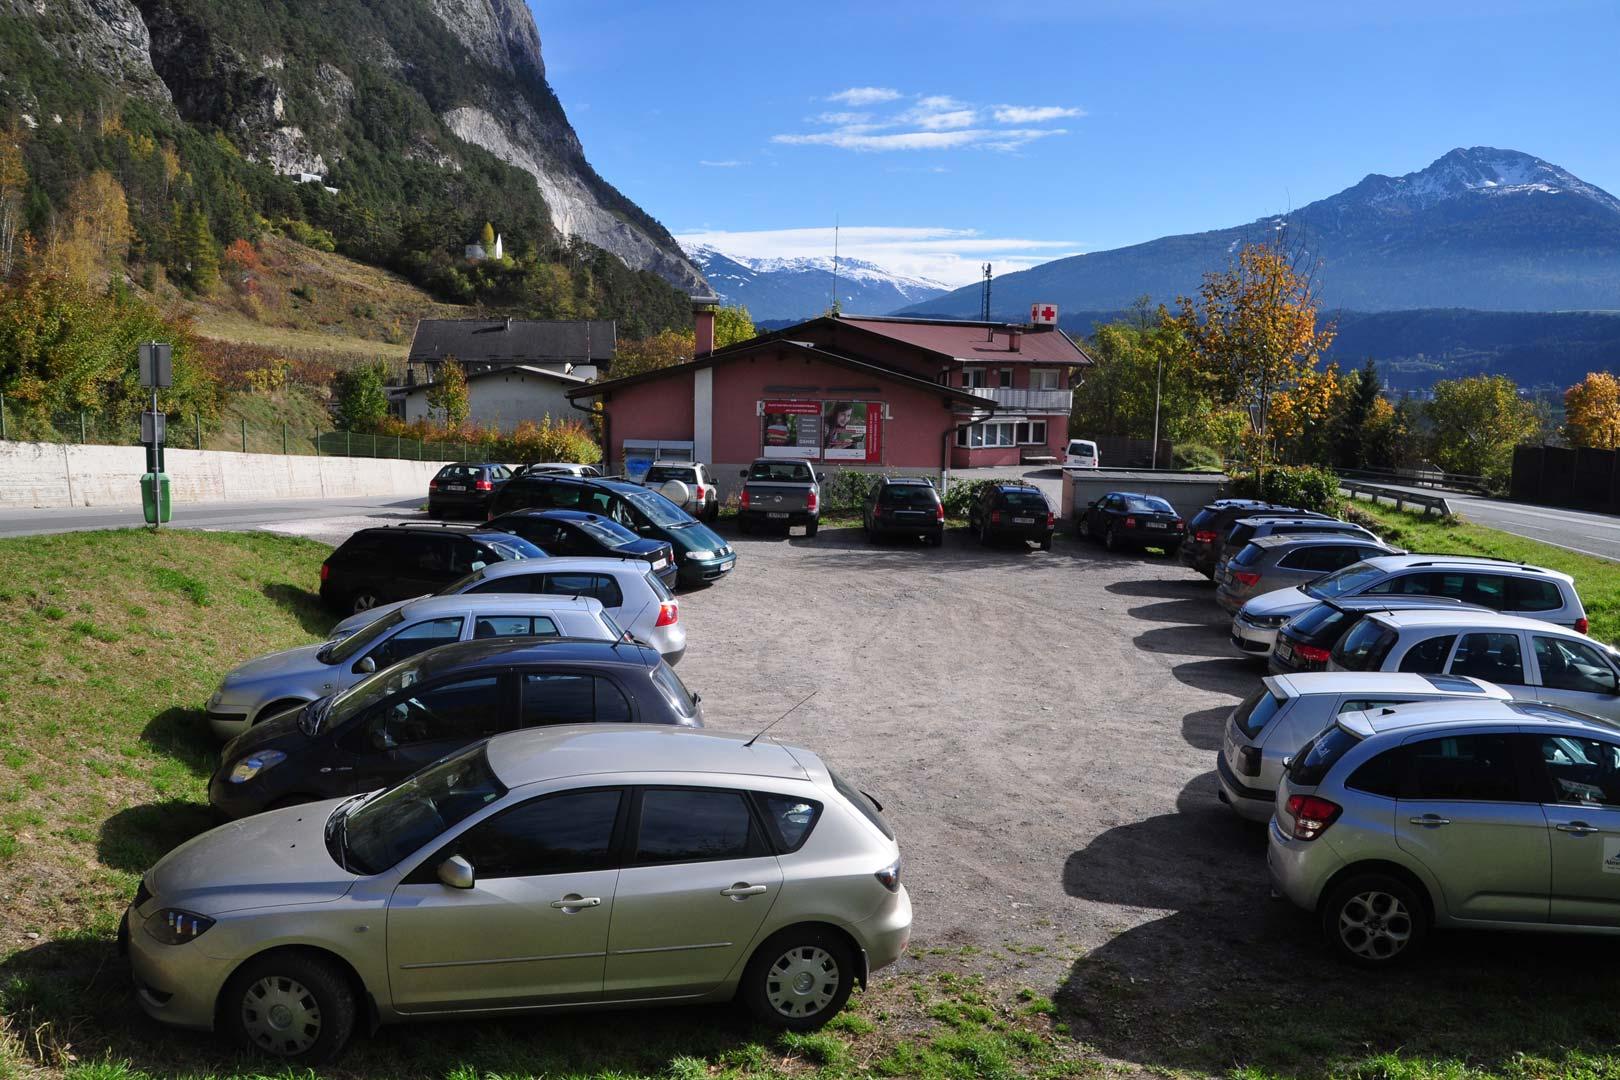 Zirl in Westliches Mittelgebirge - Thema auf calrice.net